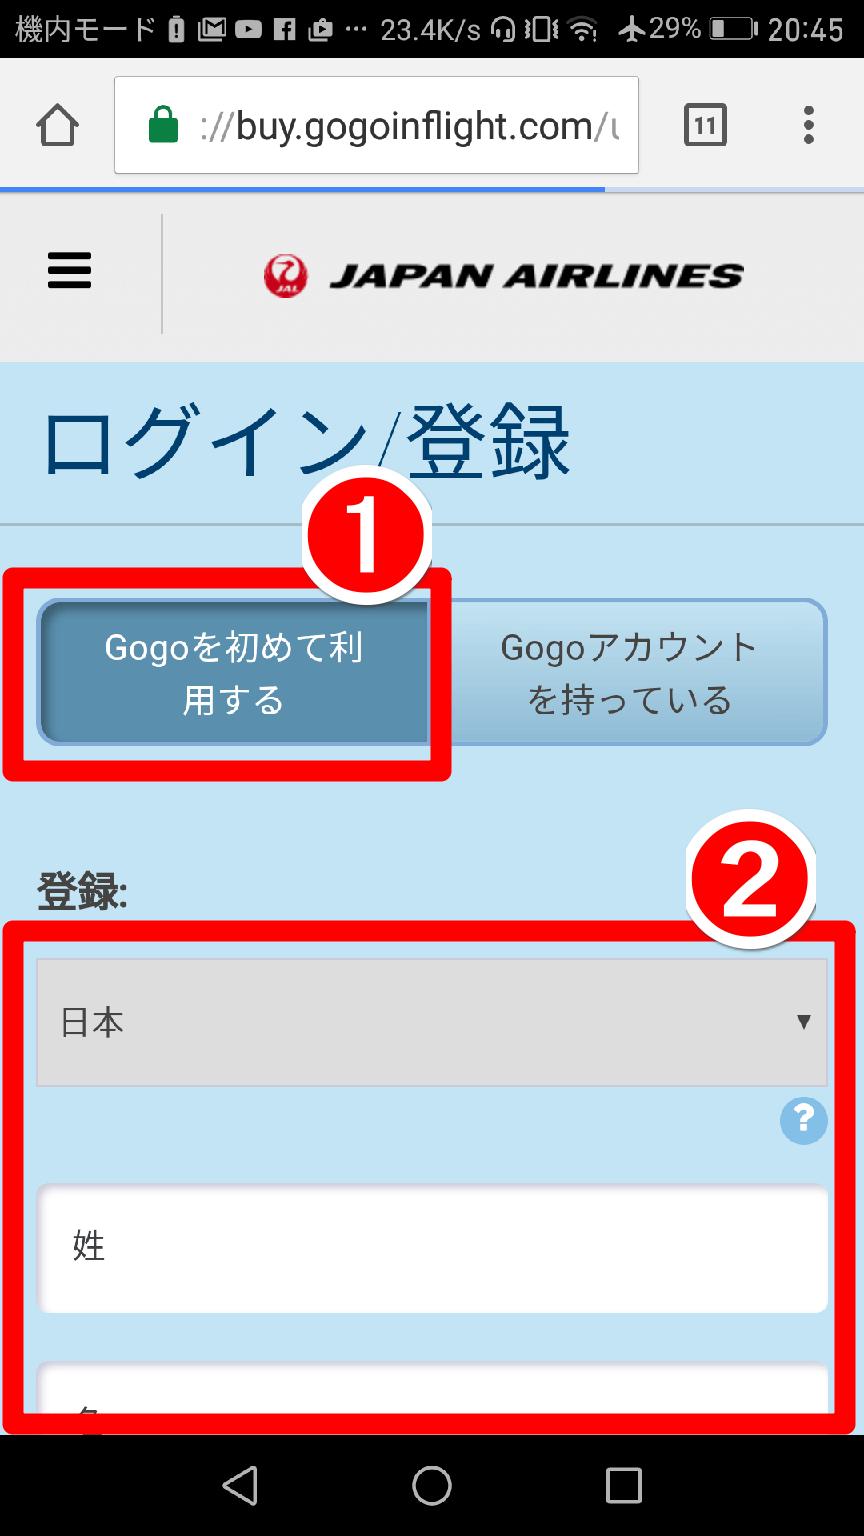 [ログイン/登録]画面